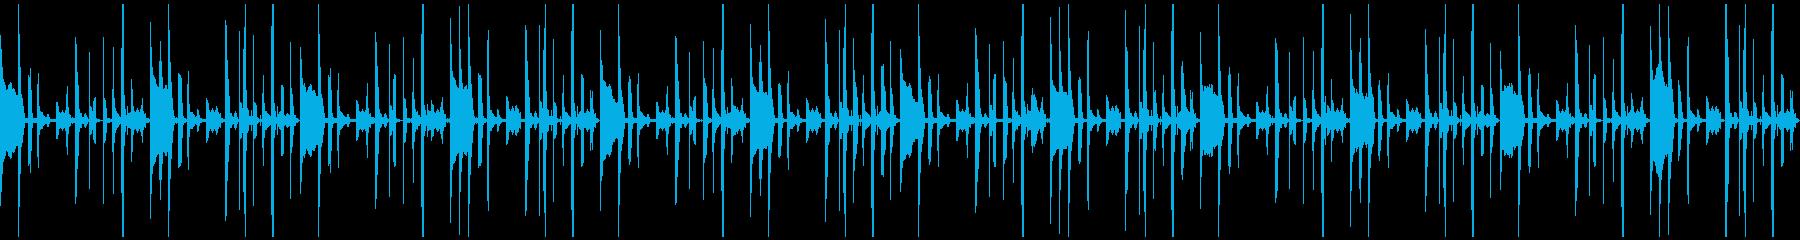 トーク、会話の背景用BGM(ループ)の再生済みの波形